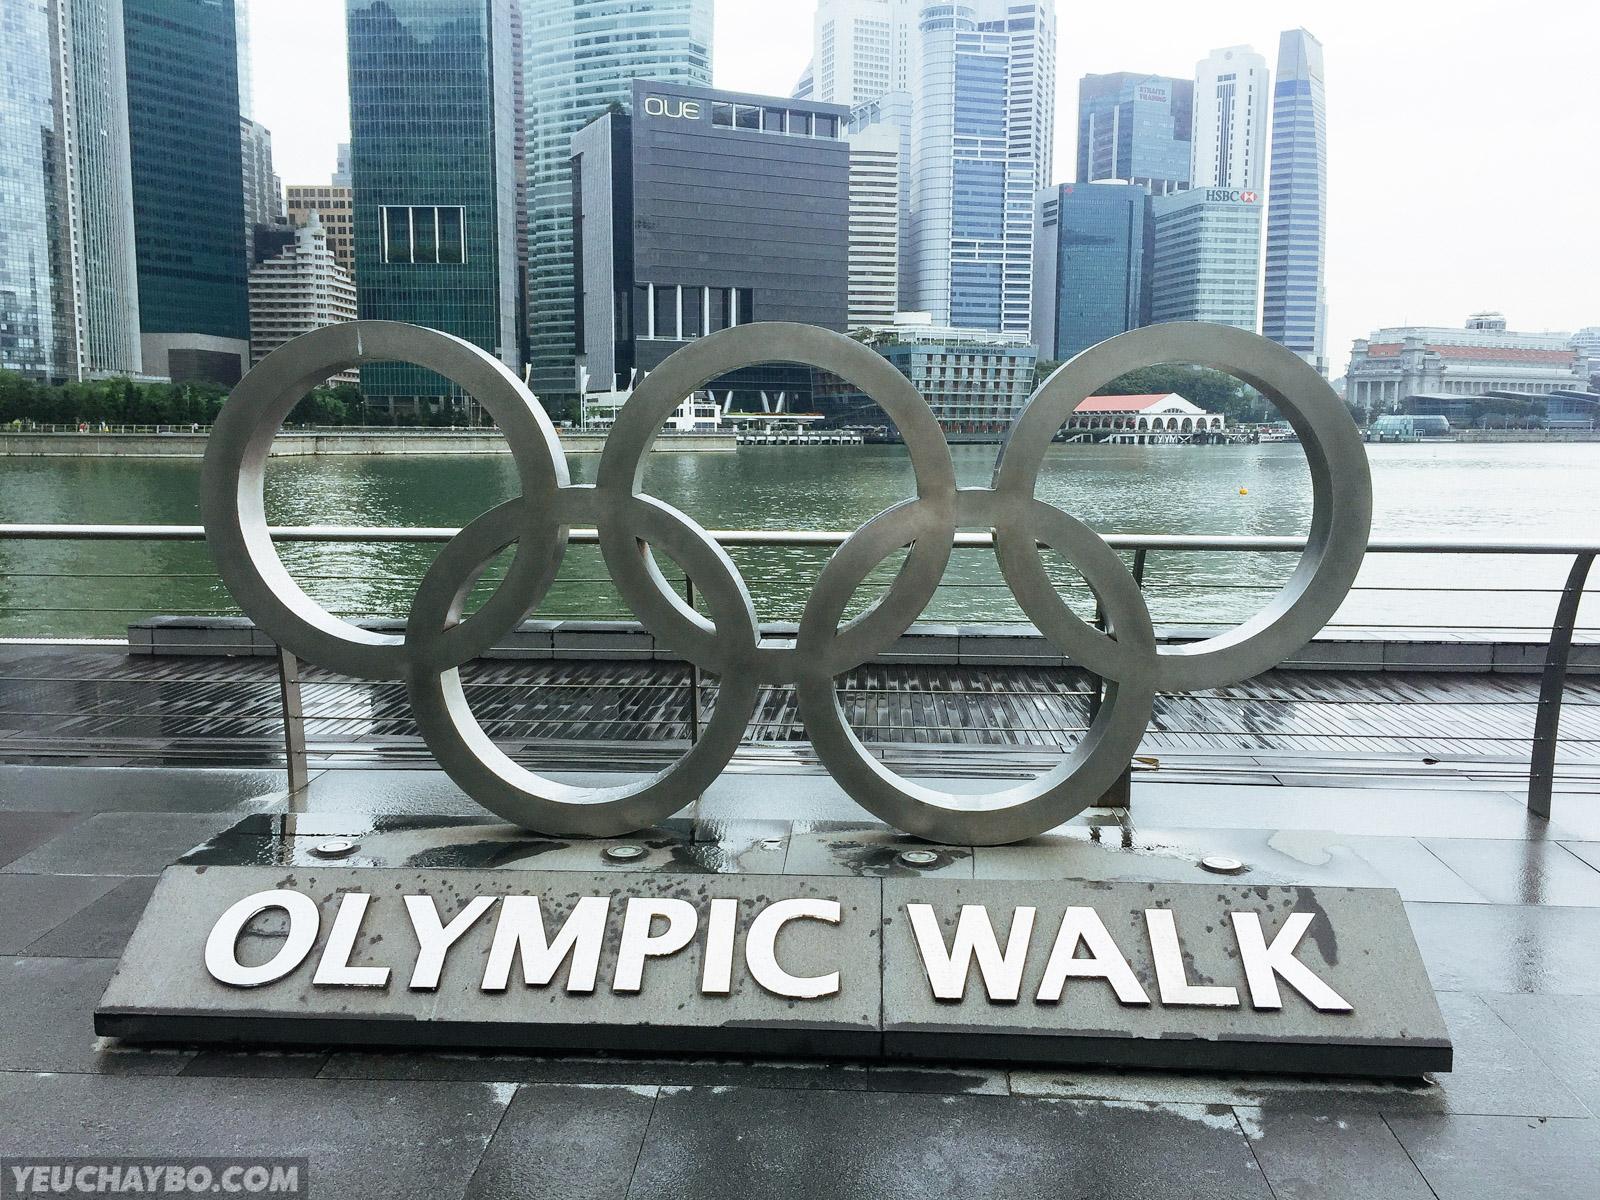 Đường đi bộ xunh quanh Marina Bay được gọi là Olympic Walk